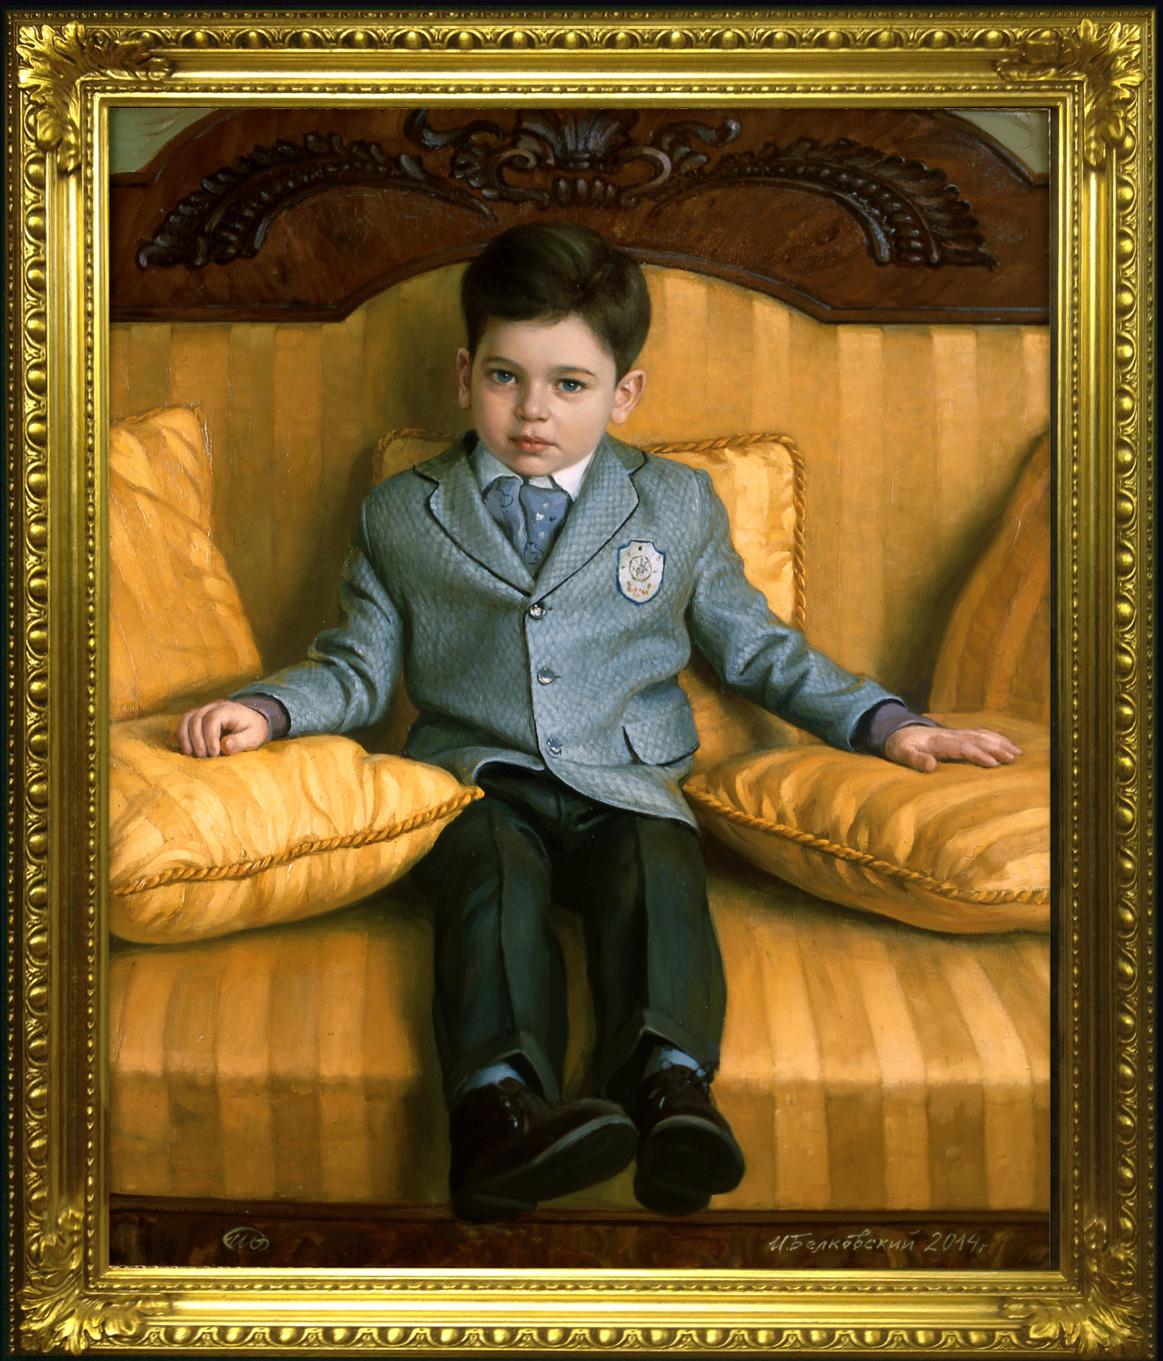 У Кобзона родился внук Иосиф - Общество, Светская жизнь - МК 9